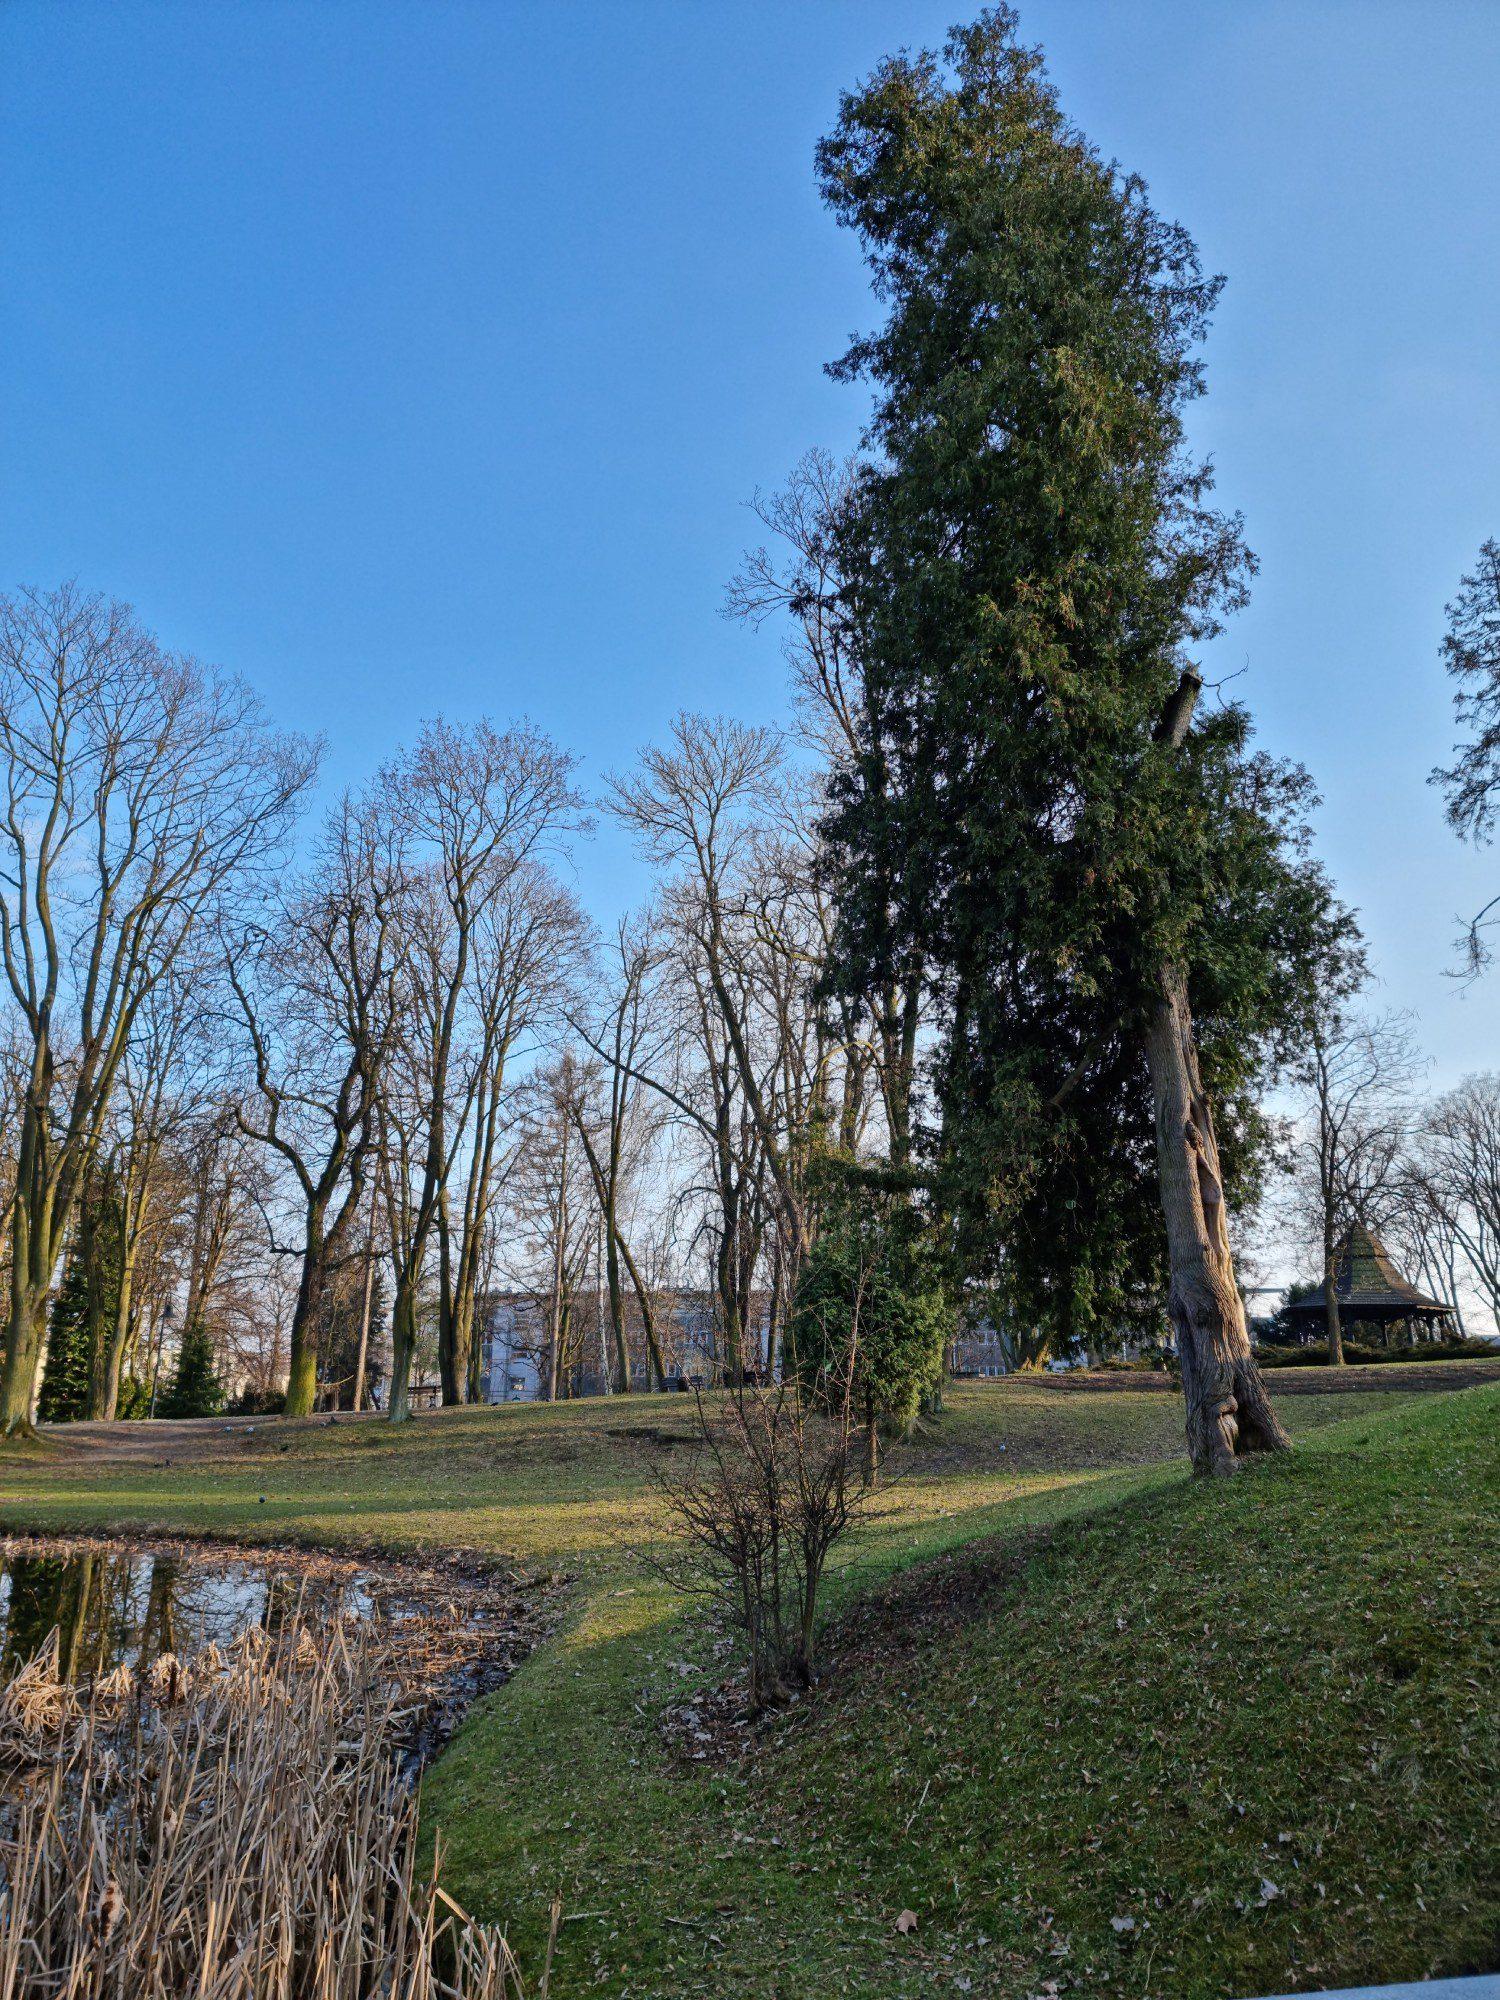 drzewno zdjęcie 108 mpix Samsung Galaxy S21 Ultra